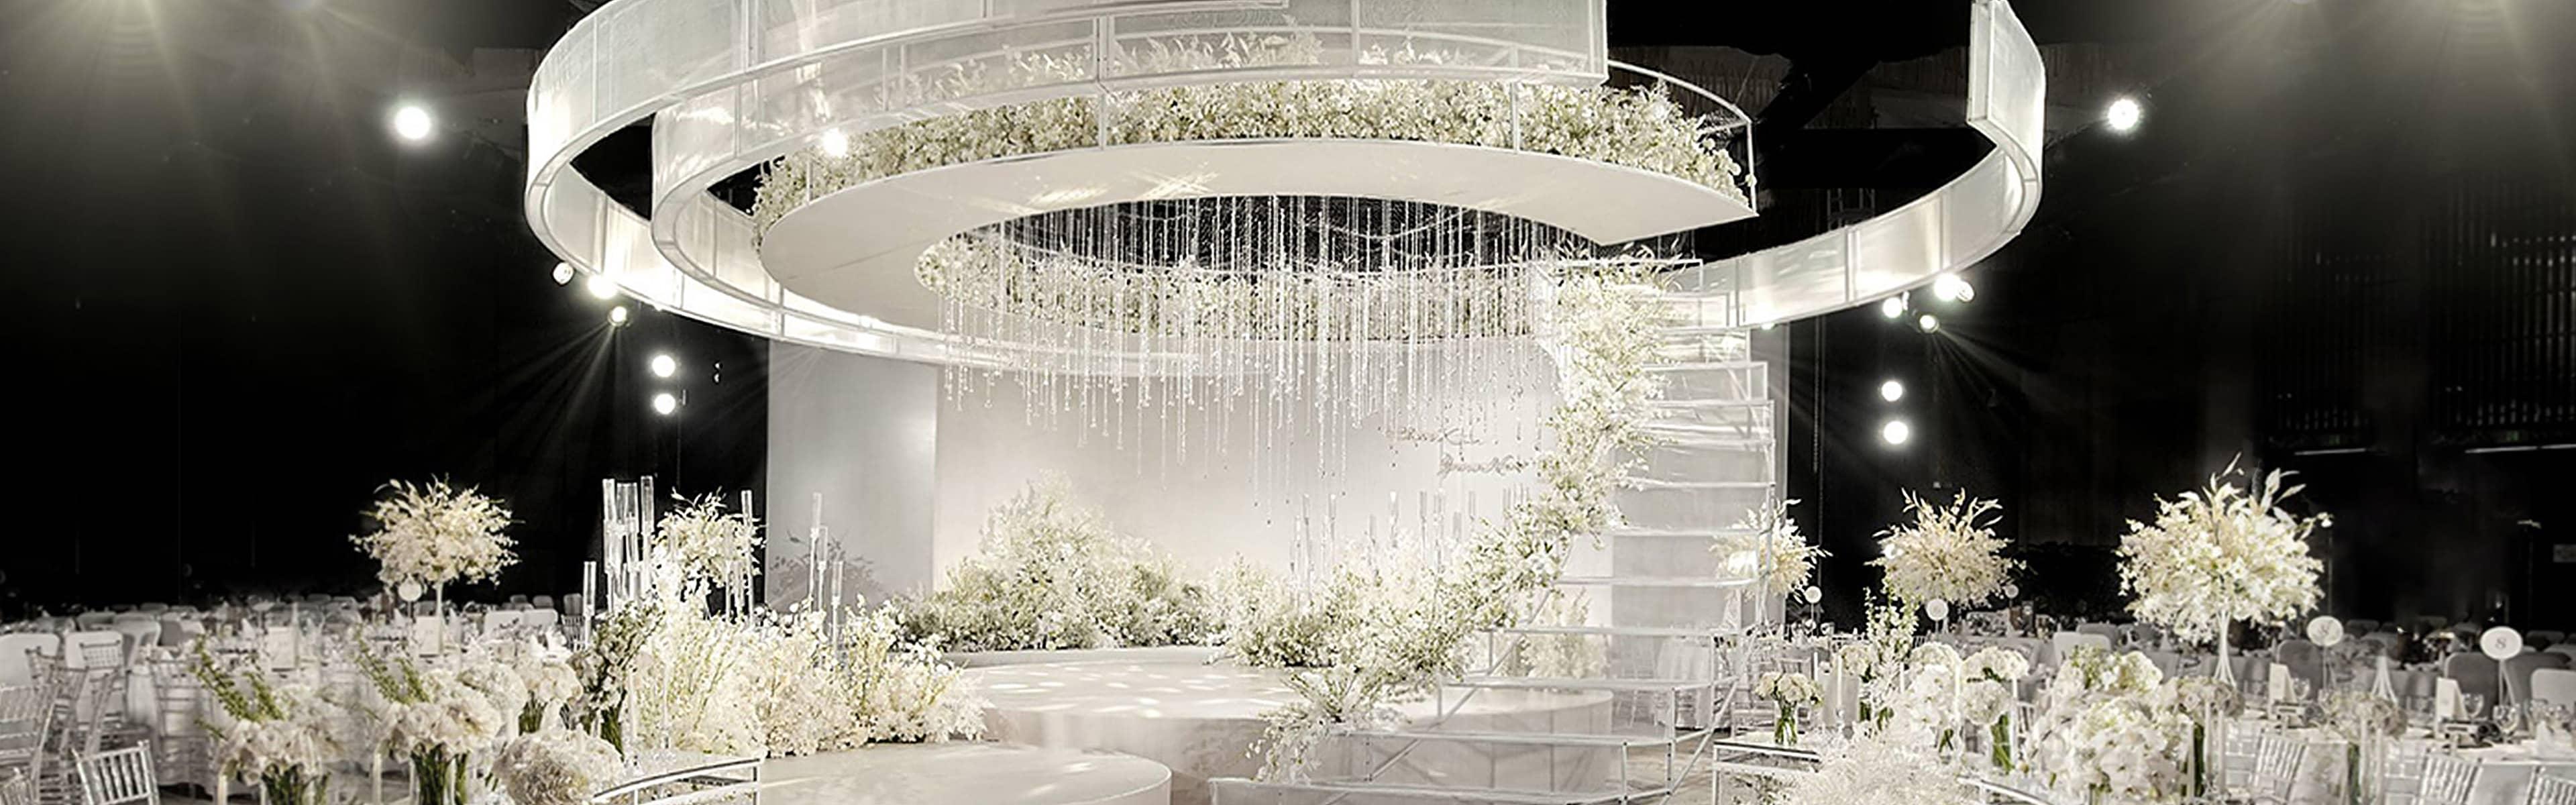 长沙婚庆策划案例:Eternity | 湖南 长沙